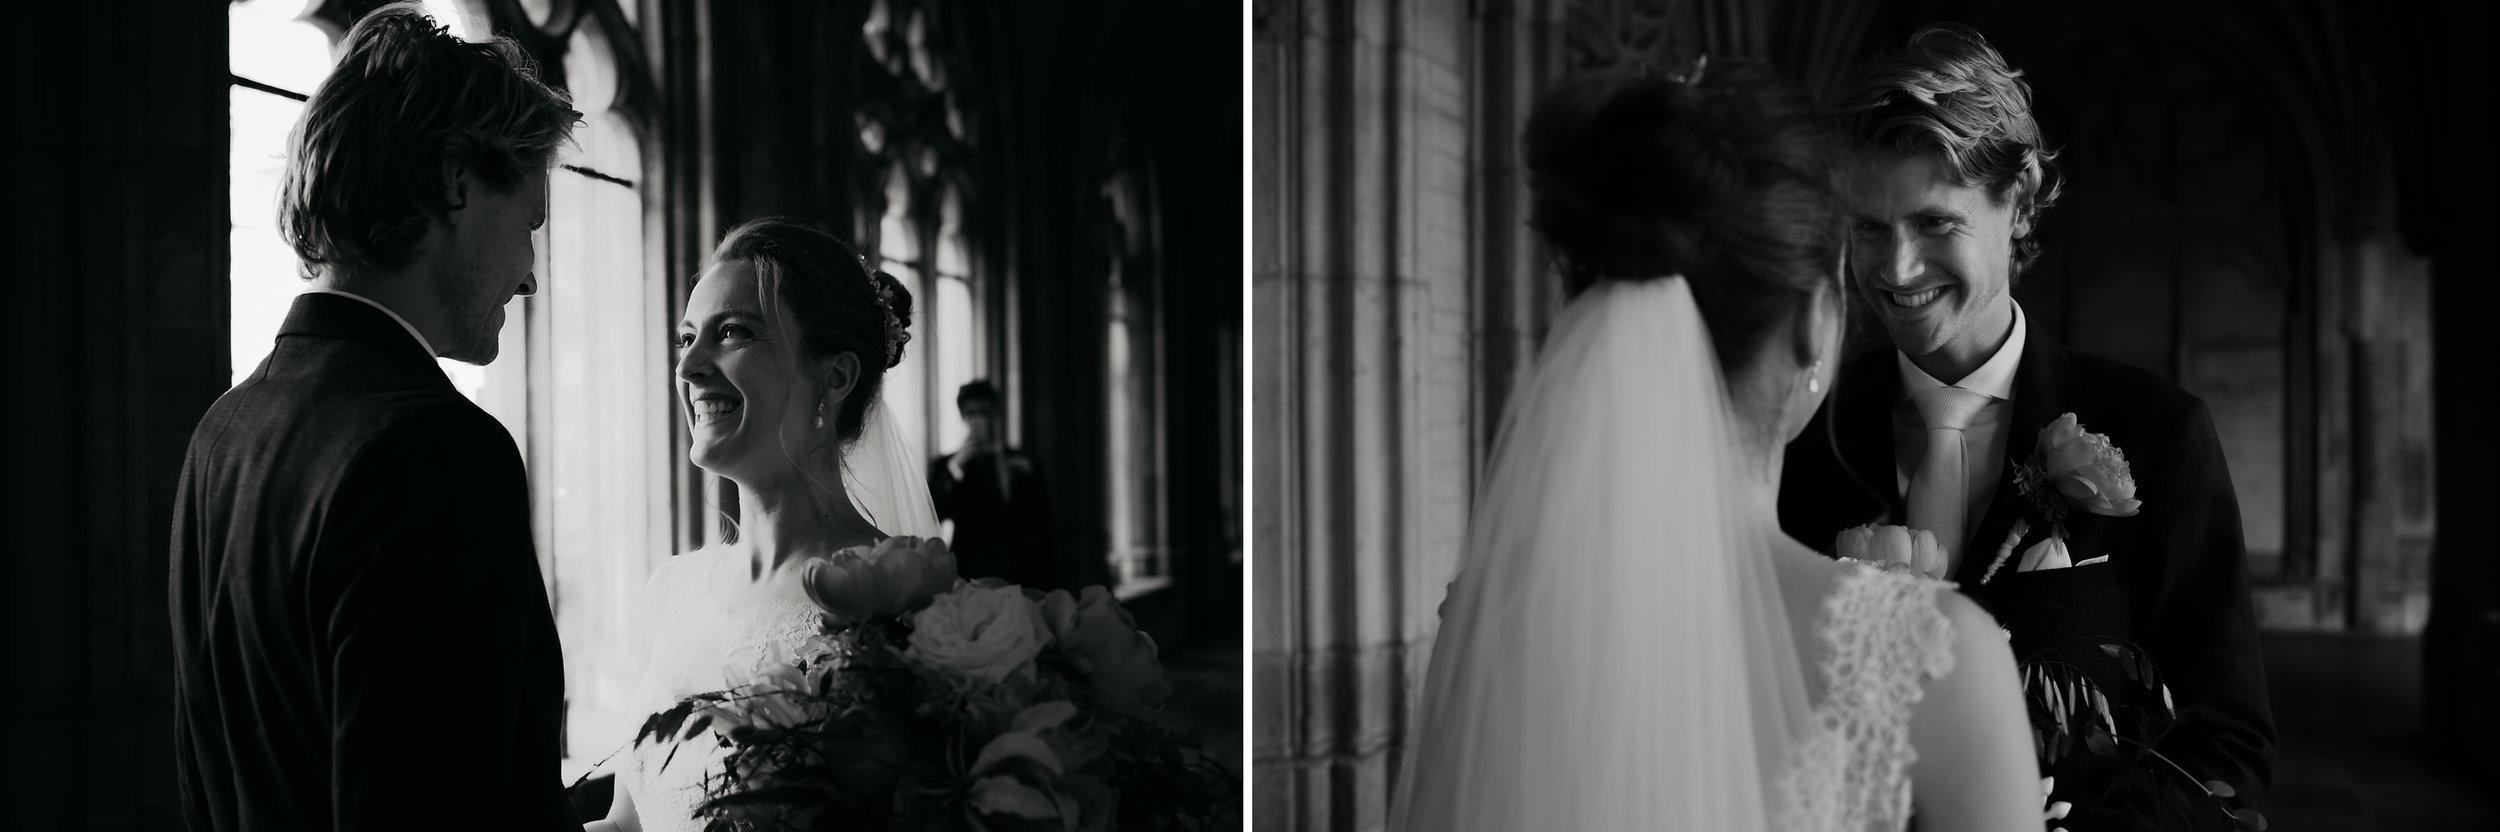 bruidspaar ontmoeten in domtoren trouwfotografie amsterdam utrecht